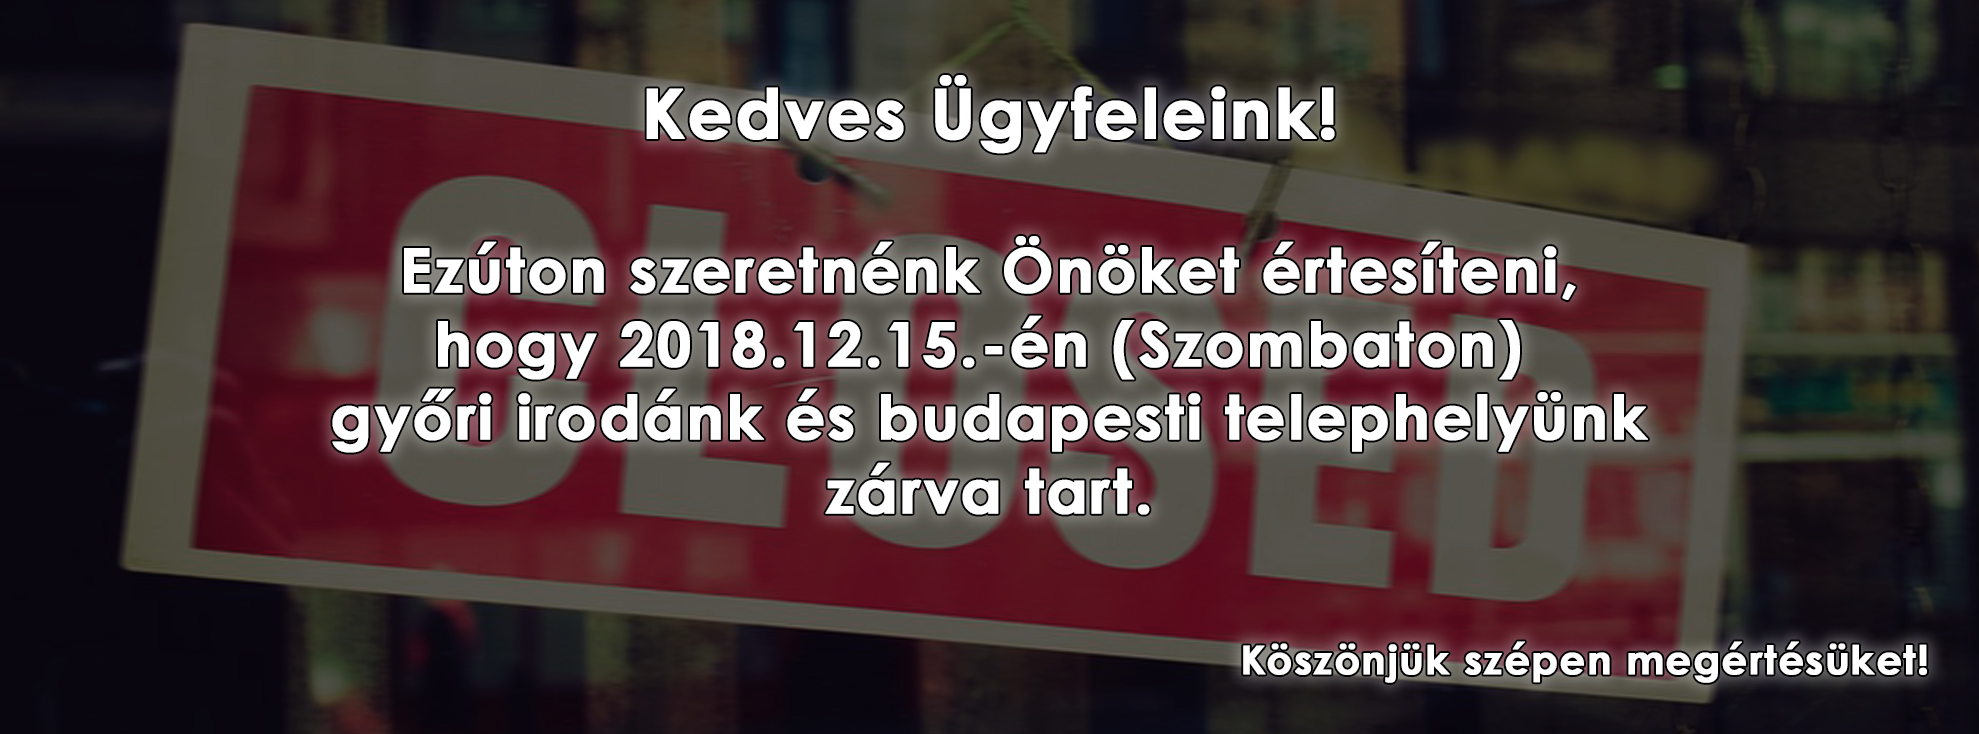 2018.12.15. Zárva tartás!